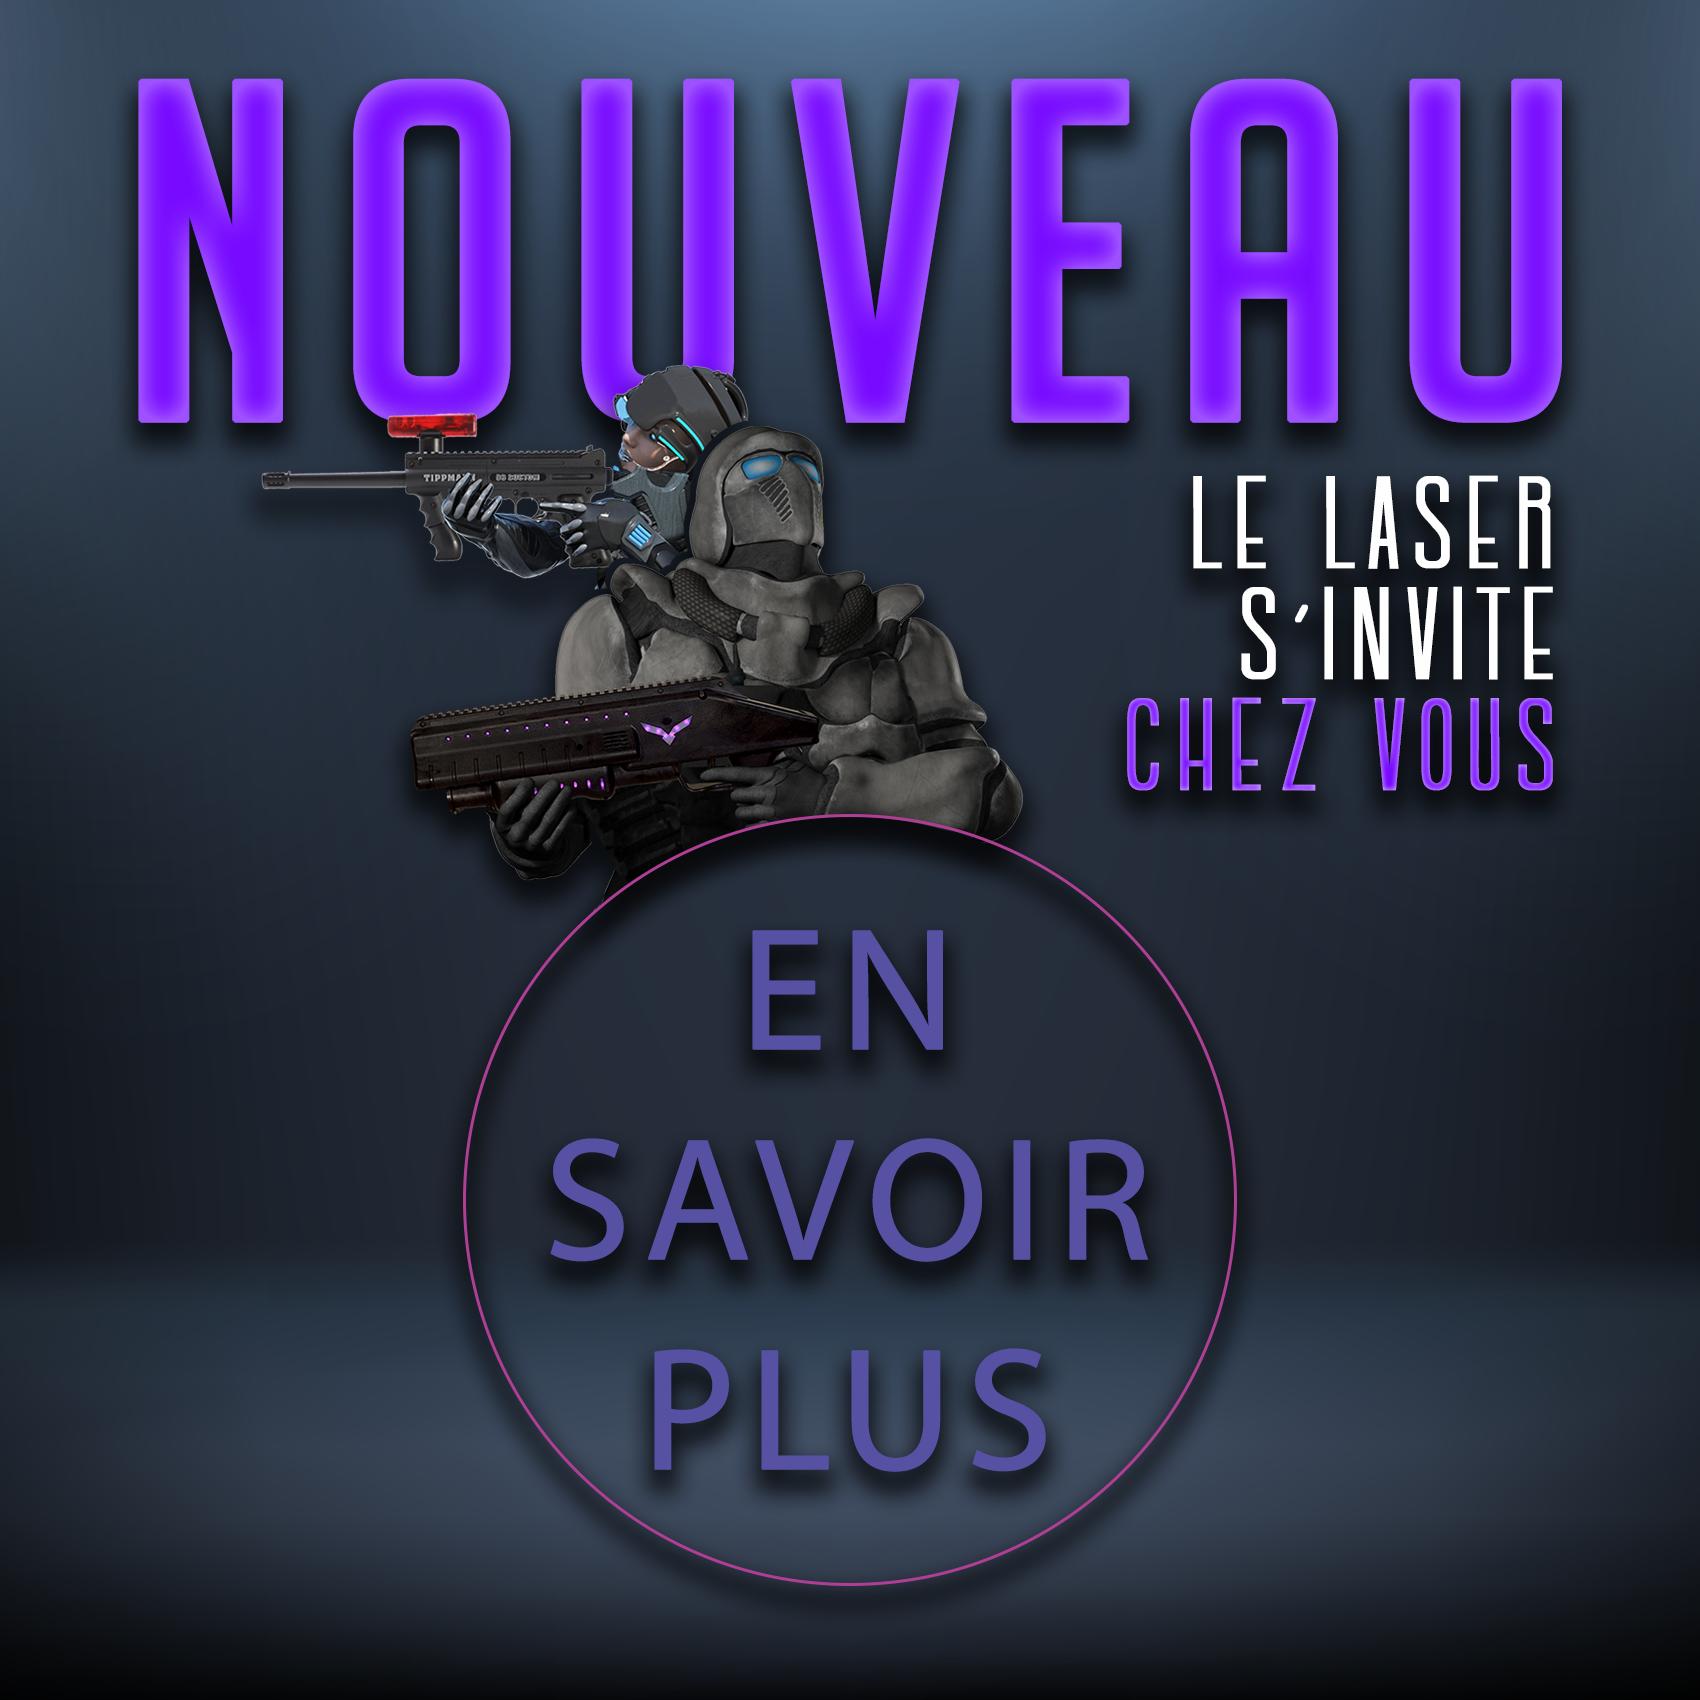 ACCUEIL_NOUVEAU_2